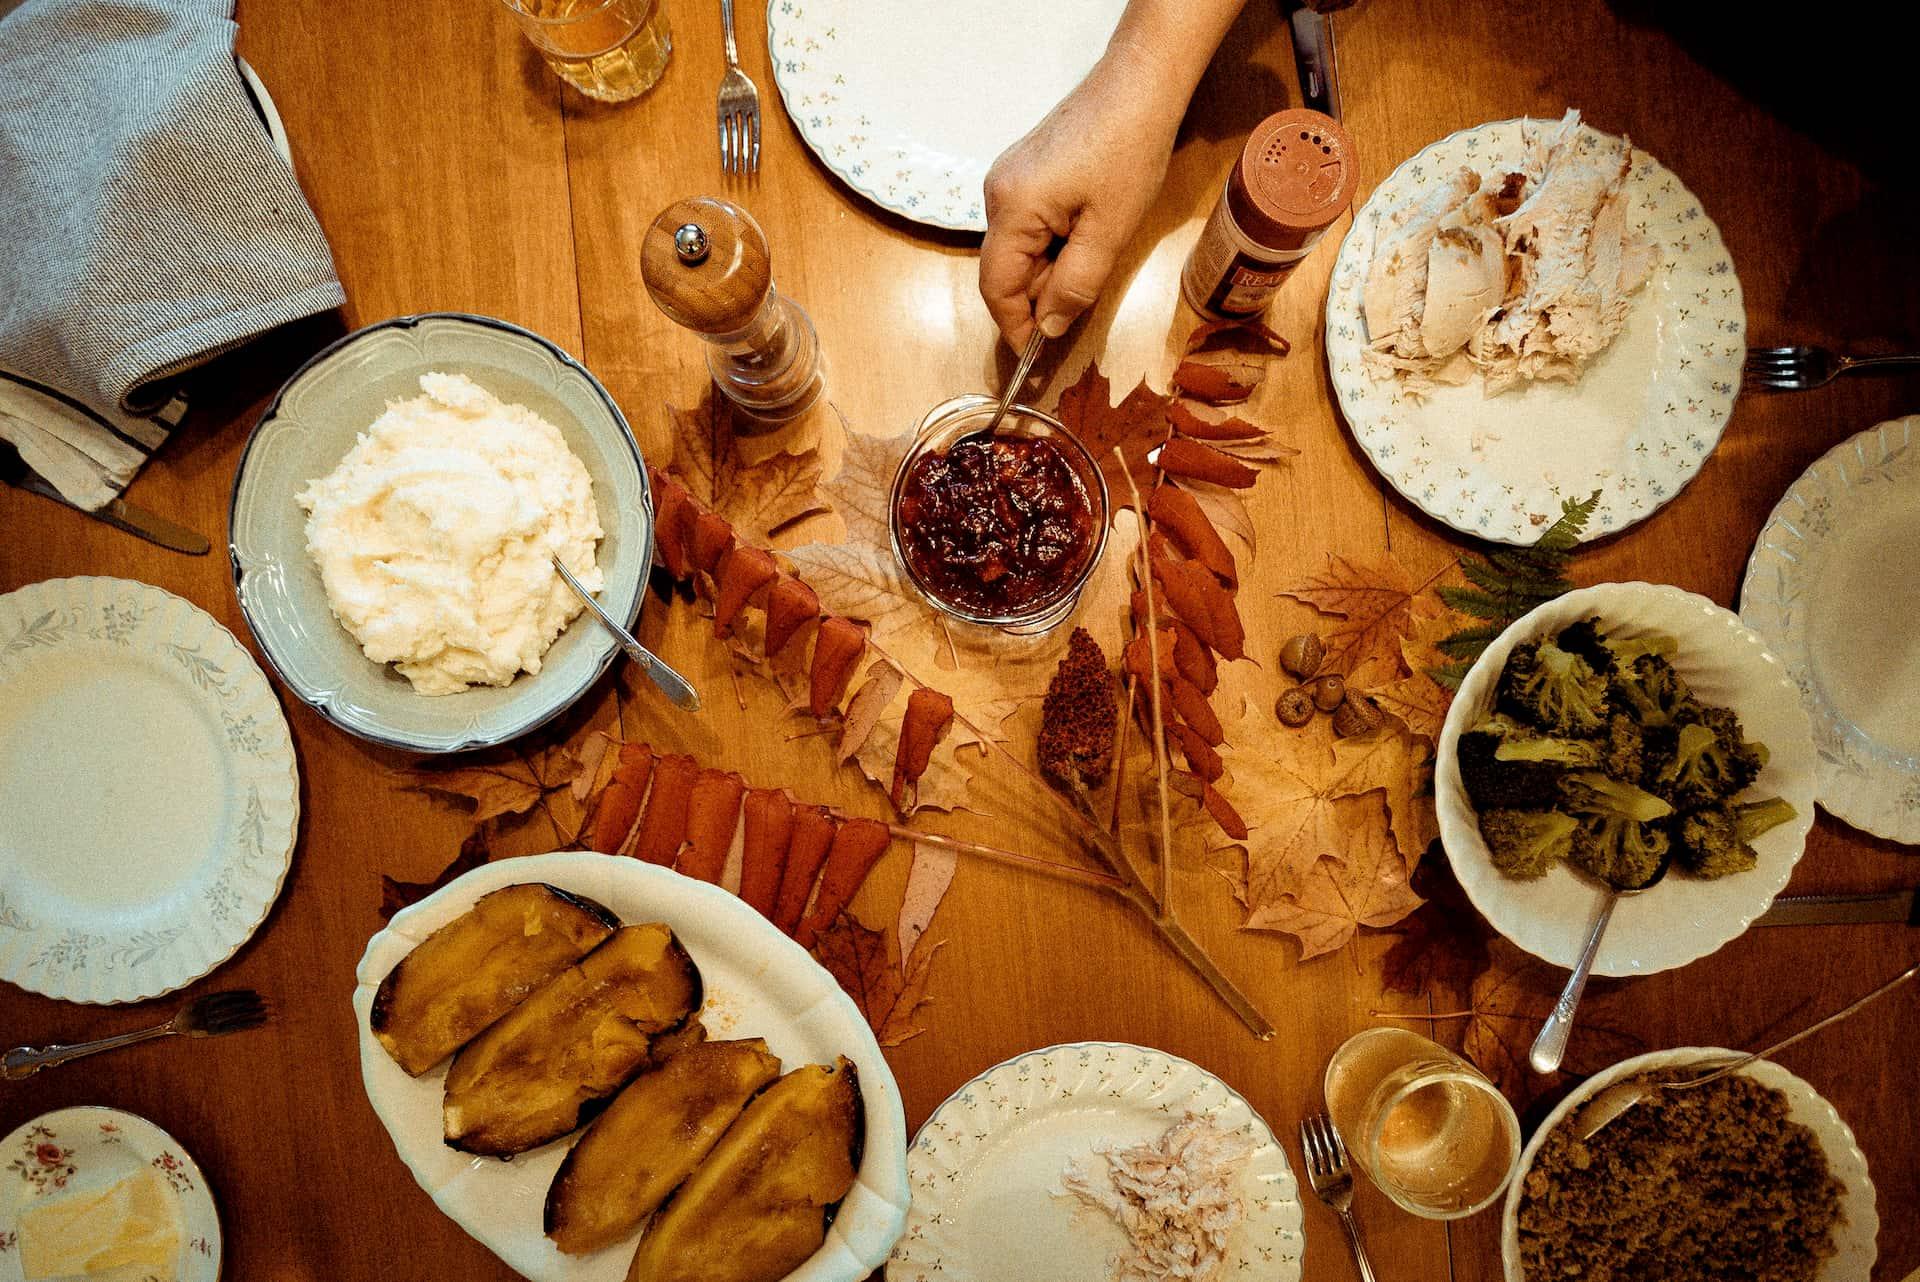 5 locuri din Cluj unde te poți bucura de bucătăria tradițională românească